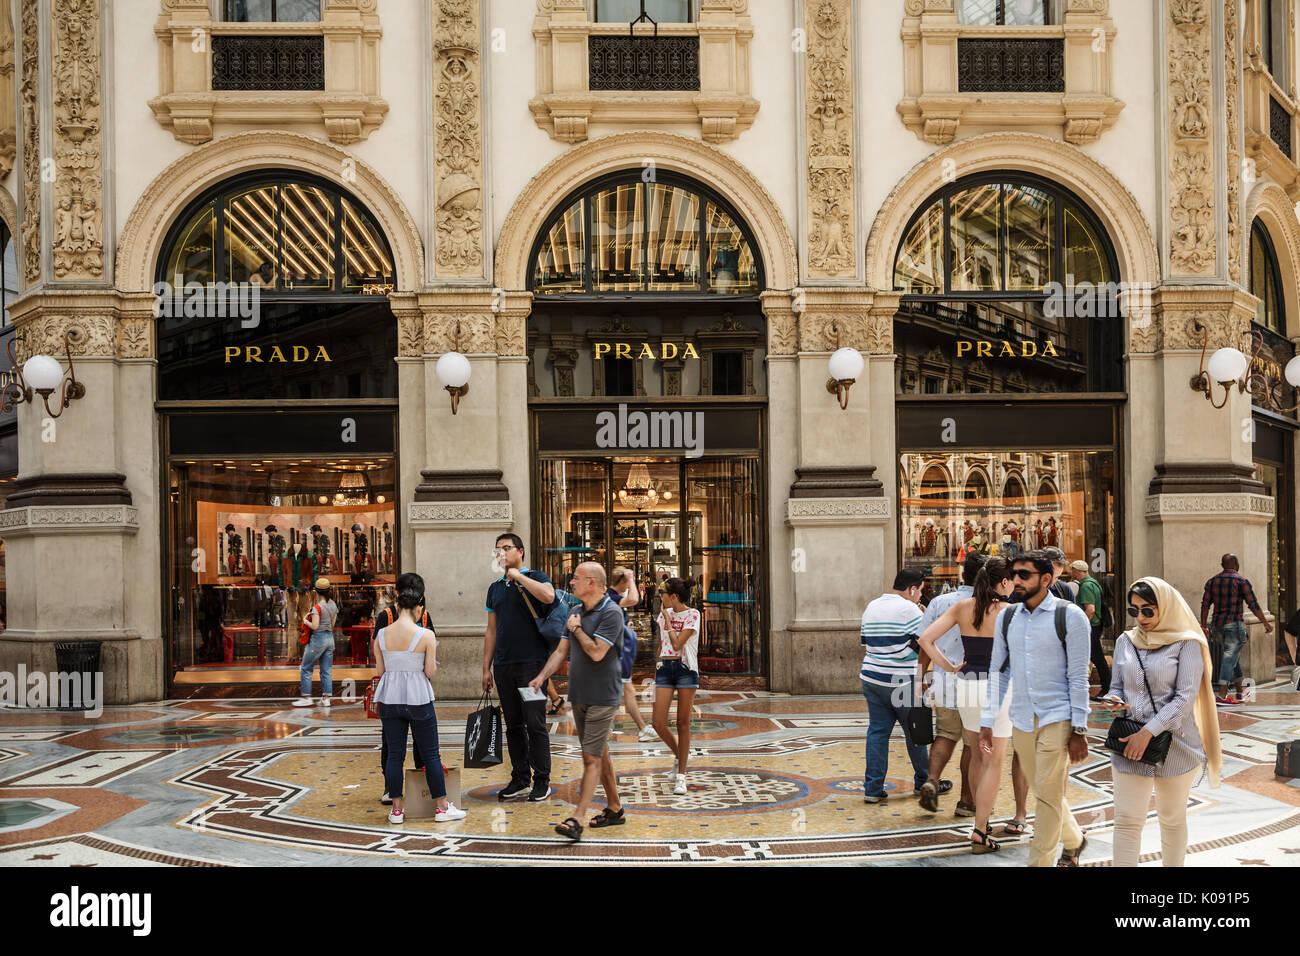 Prada boutique. Galleria Vittorio Emanuele II. Milan, Italy - Stock Image